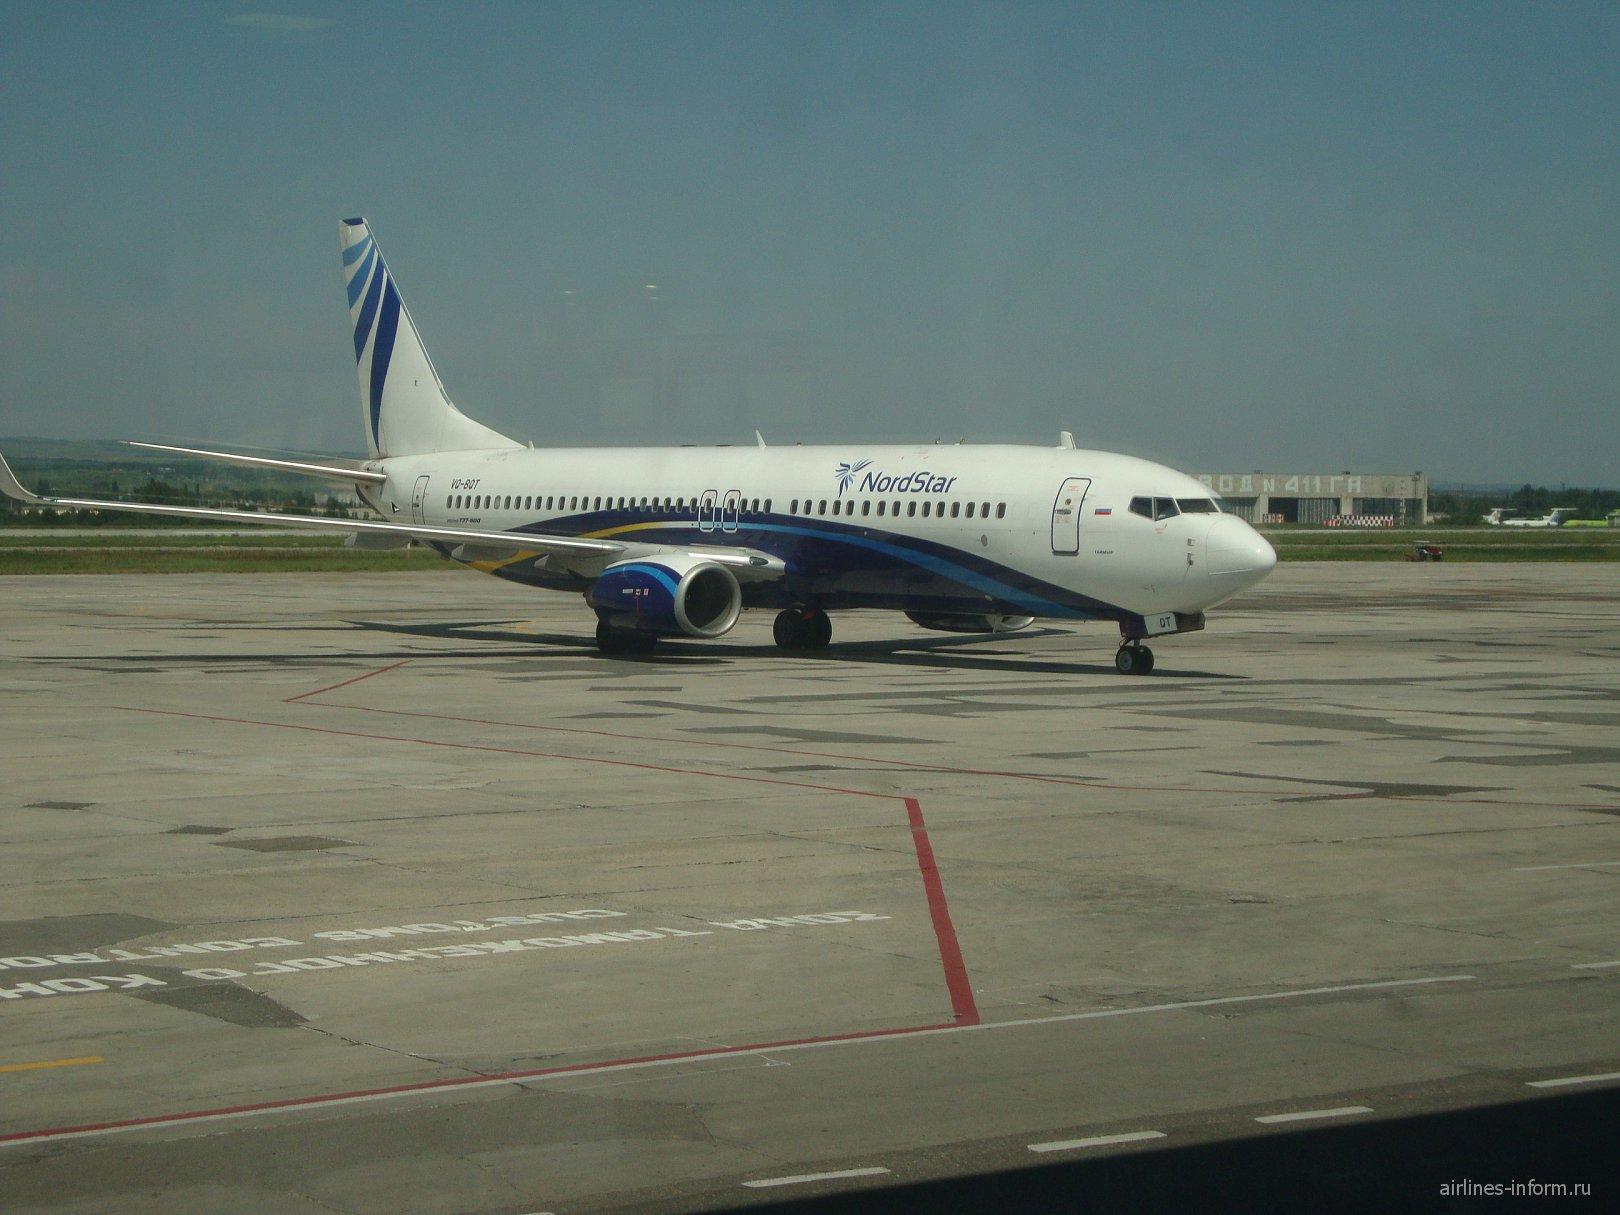 Боинг-737-800 NordStar в аэропорту Минеральные Воды